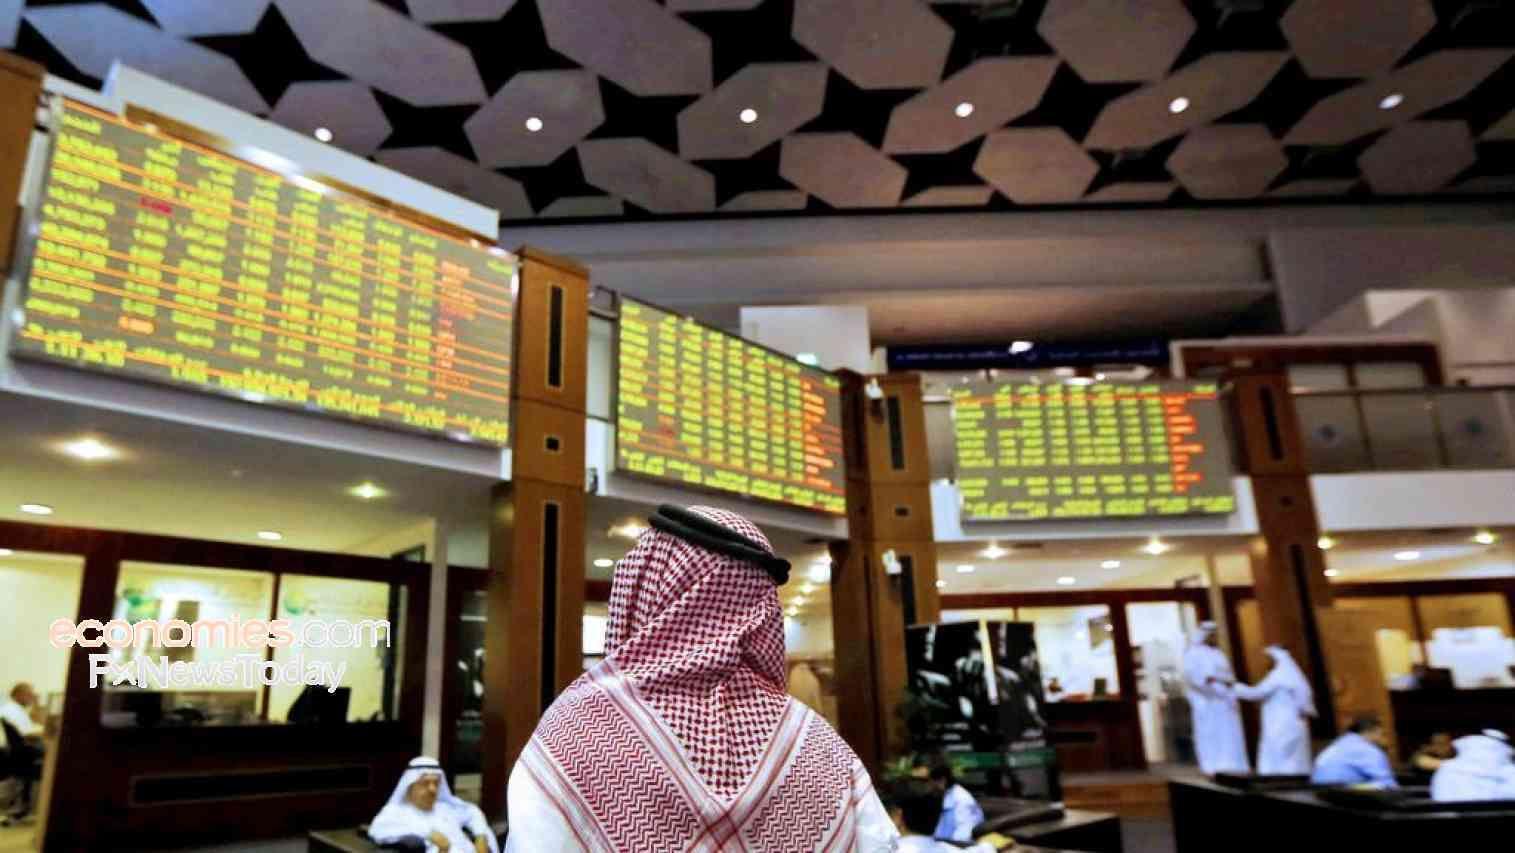 تفاقم خسائر الشركات في دبي والصفقات العقارية تهوي 41%